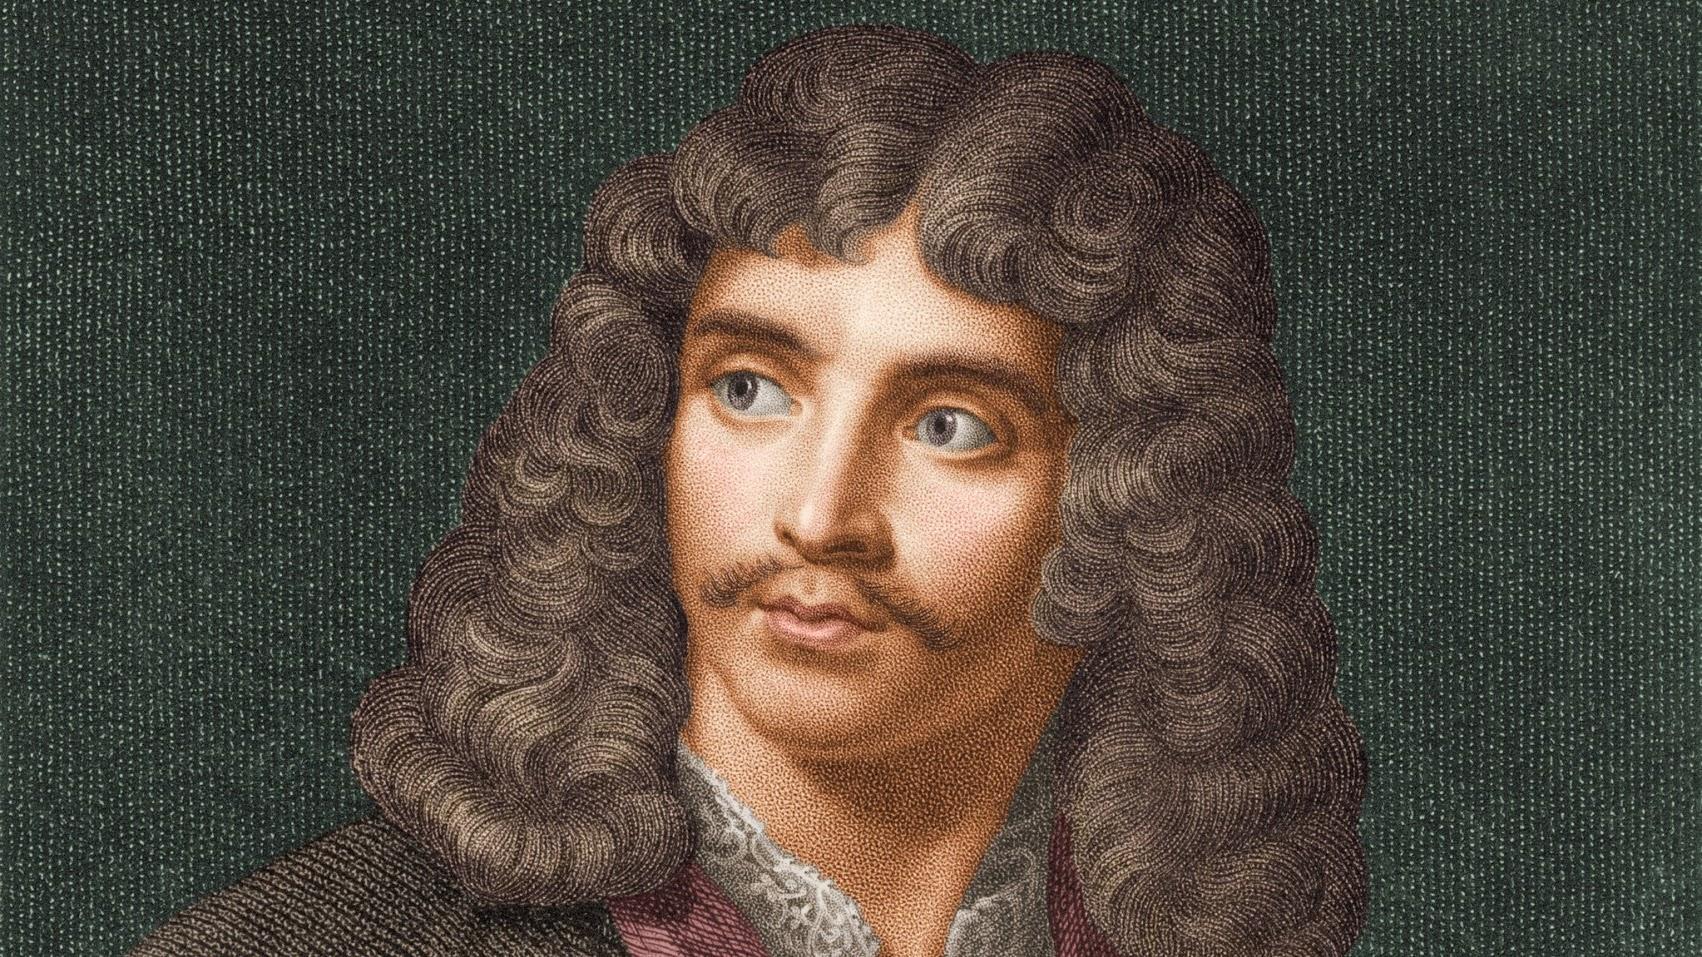 Molière: Molière